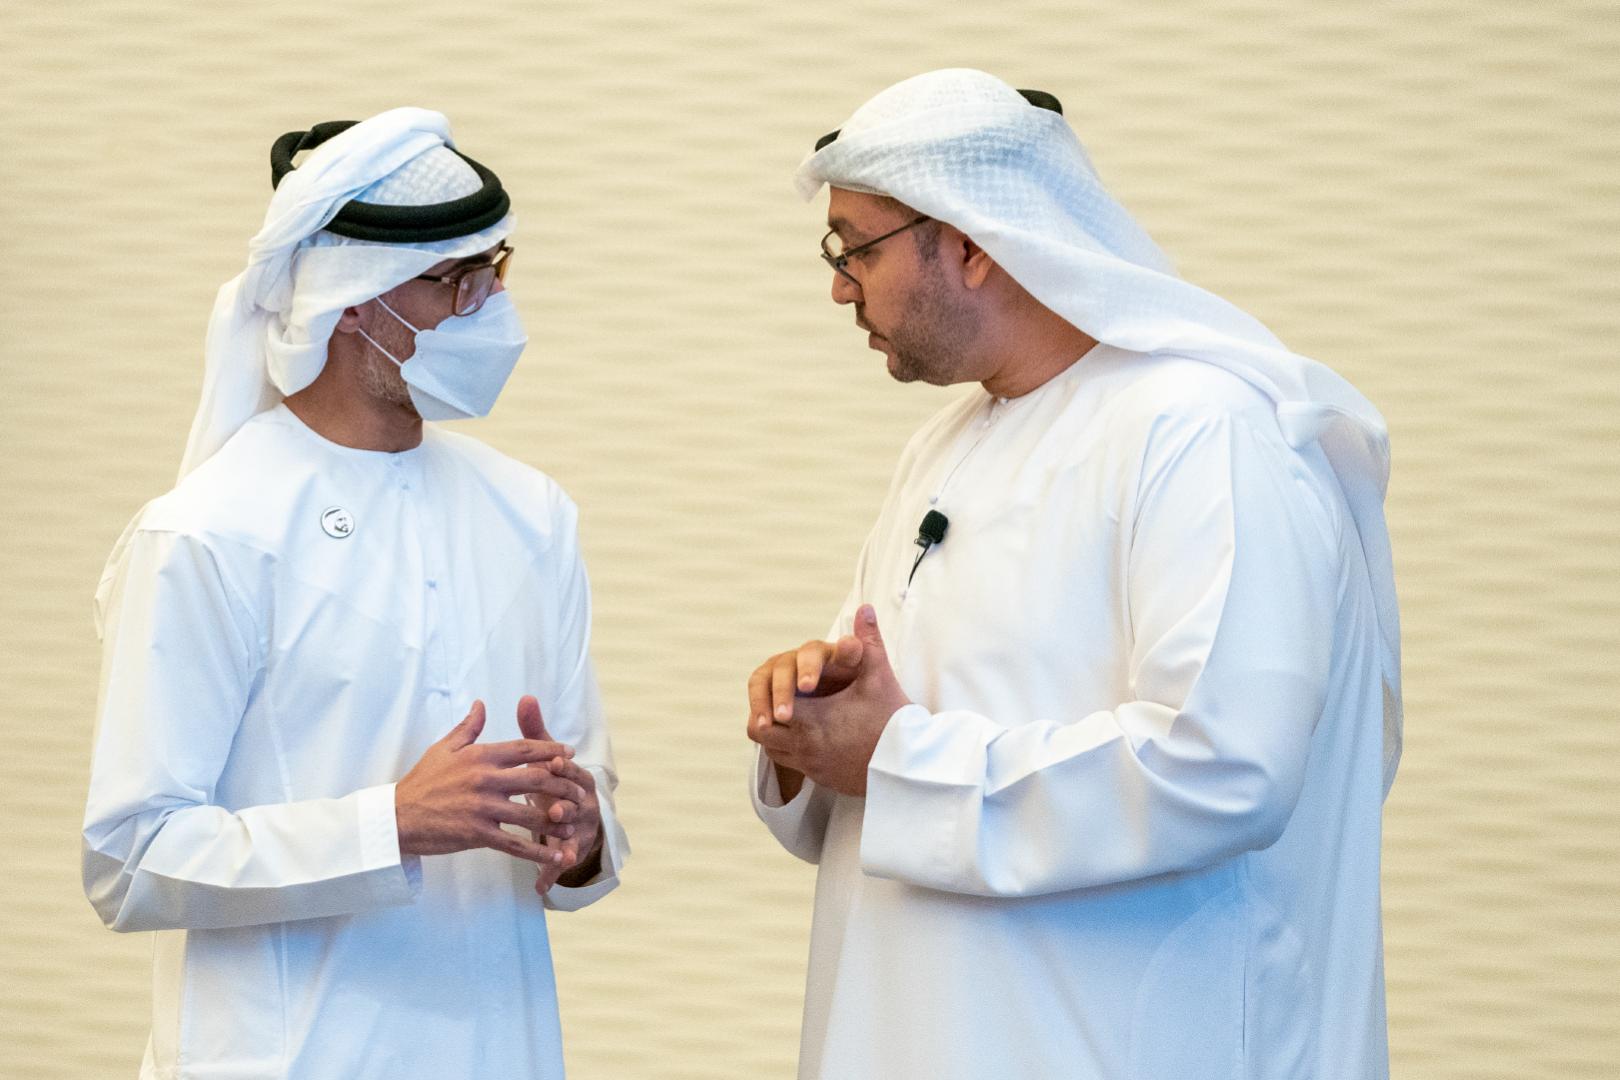 خالد بن محمد بن زايد يشهد إطلاق منصة التحليل والاستقراء لمركز الإحصاء - أبوظبي